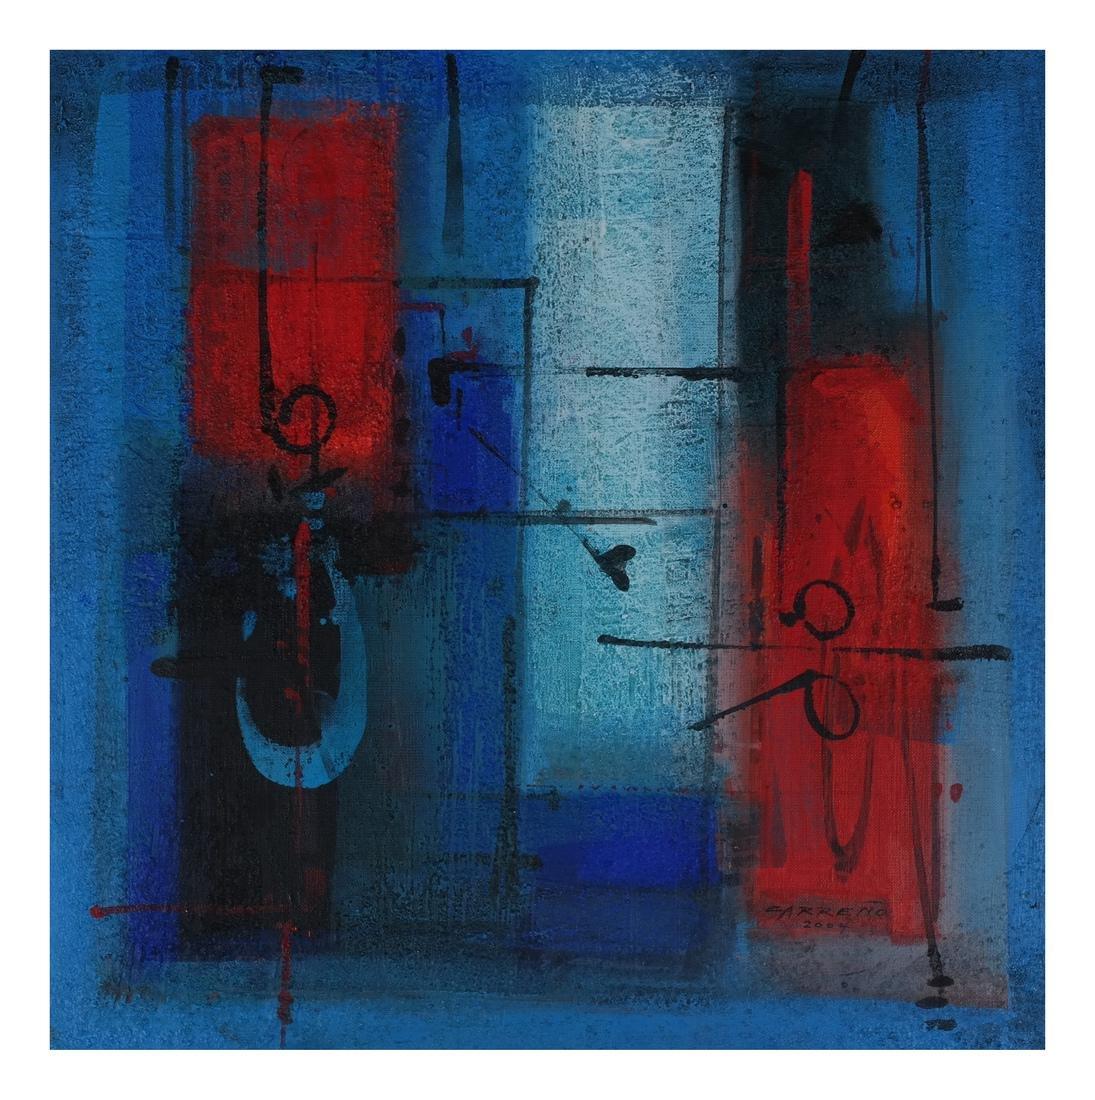 Antonio Carreño: Blue Cycle I, 2004